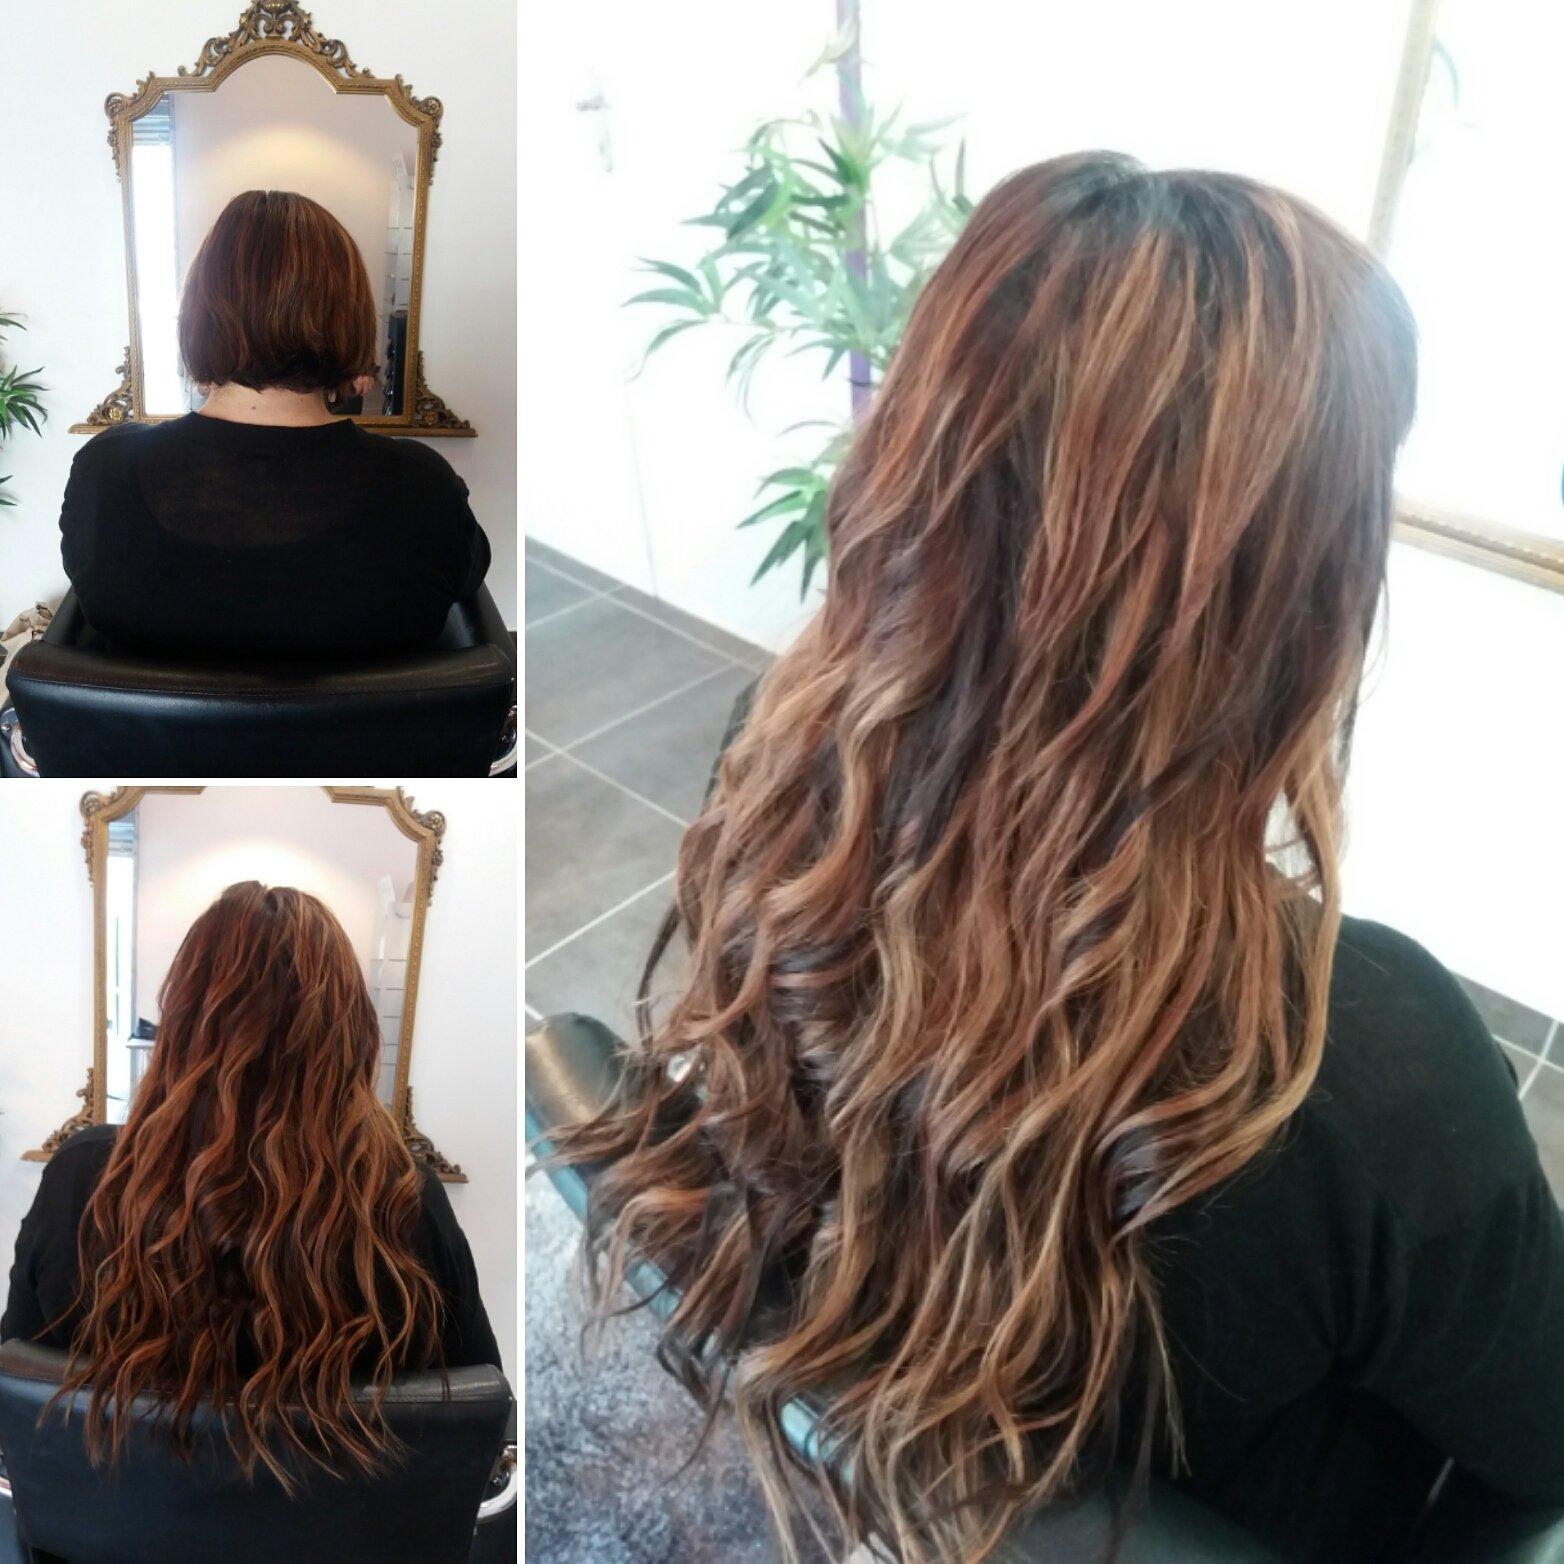 bien-choisir-Extension-cheveux-pilou-pilou-coiffeur